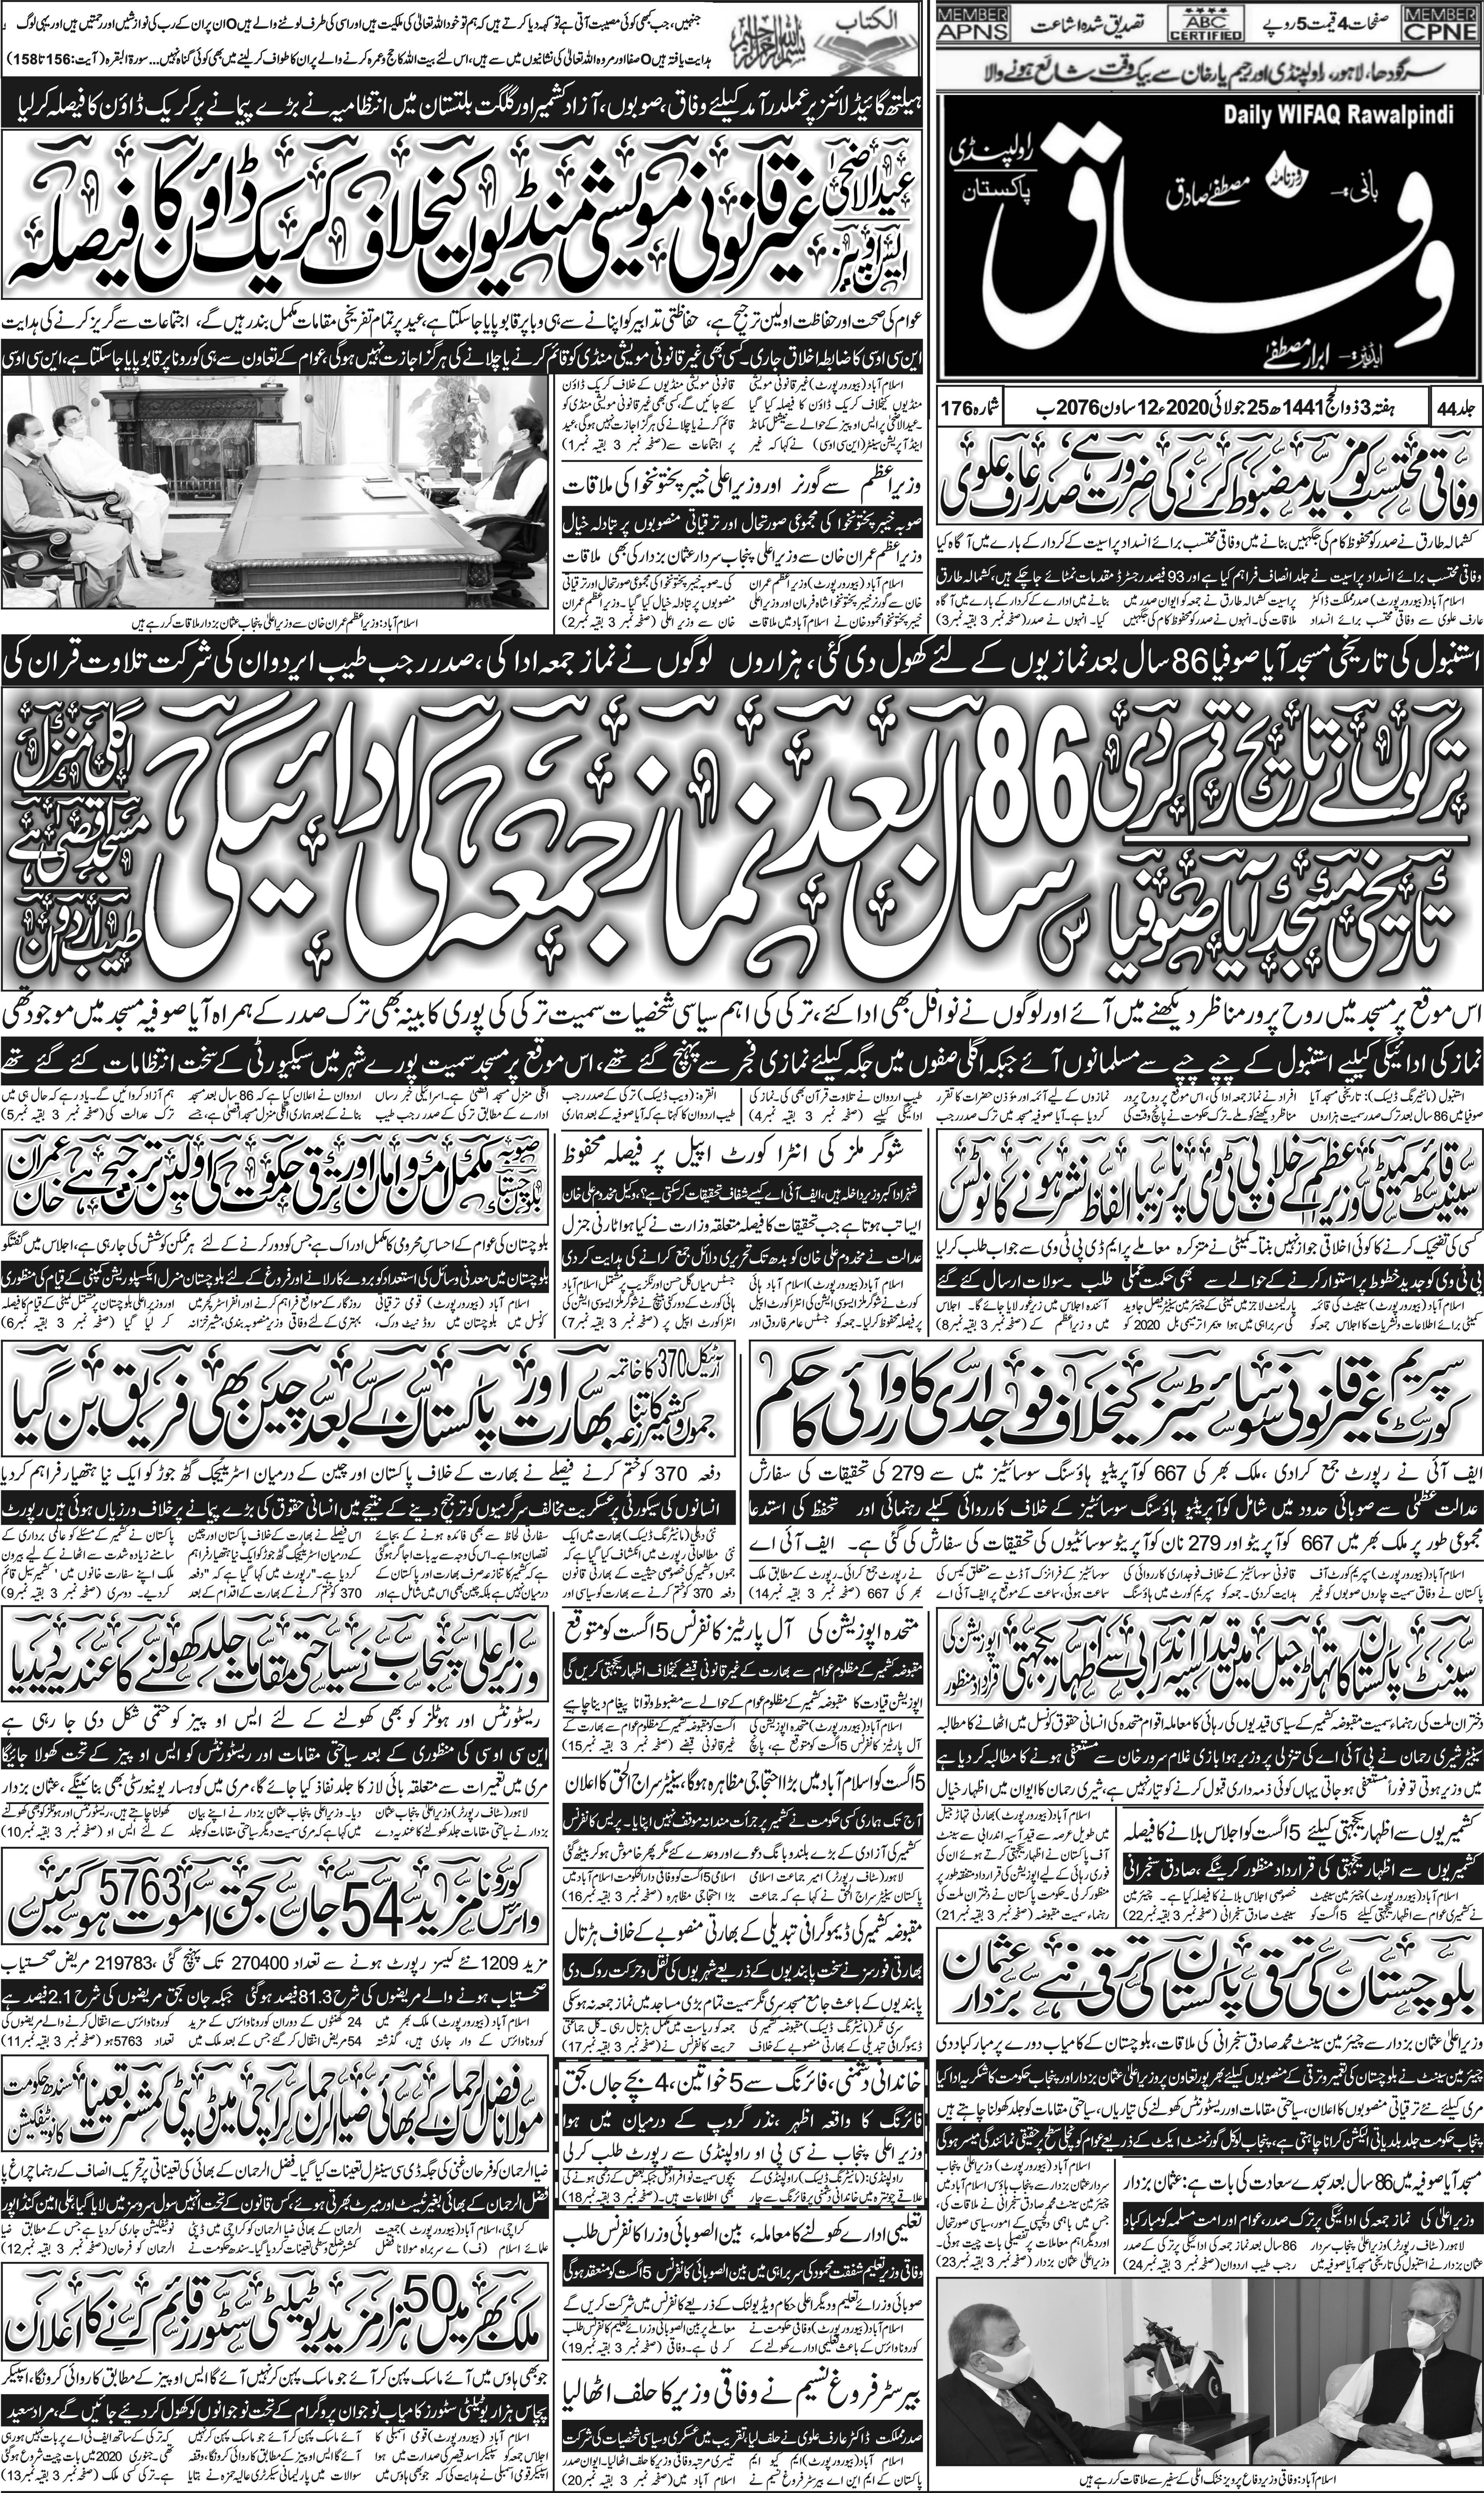 e-Paper – Daily Wifaq – Rawalpindi – 25-07-2020